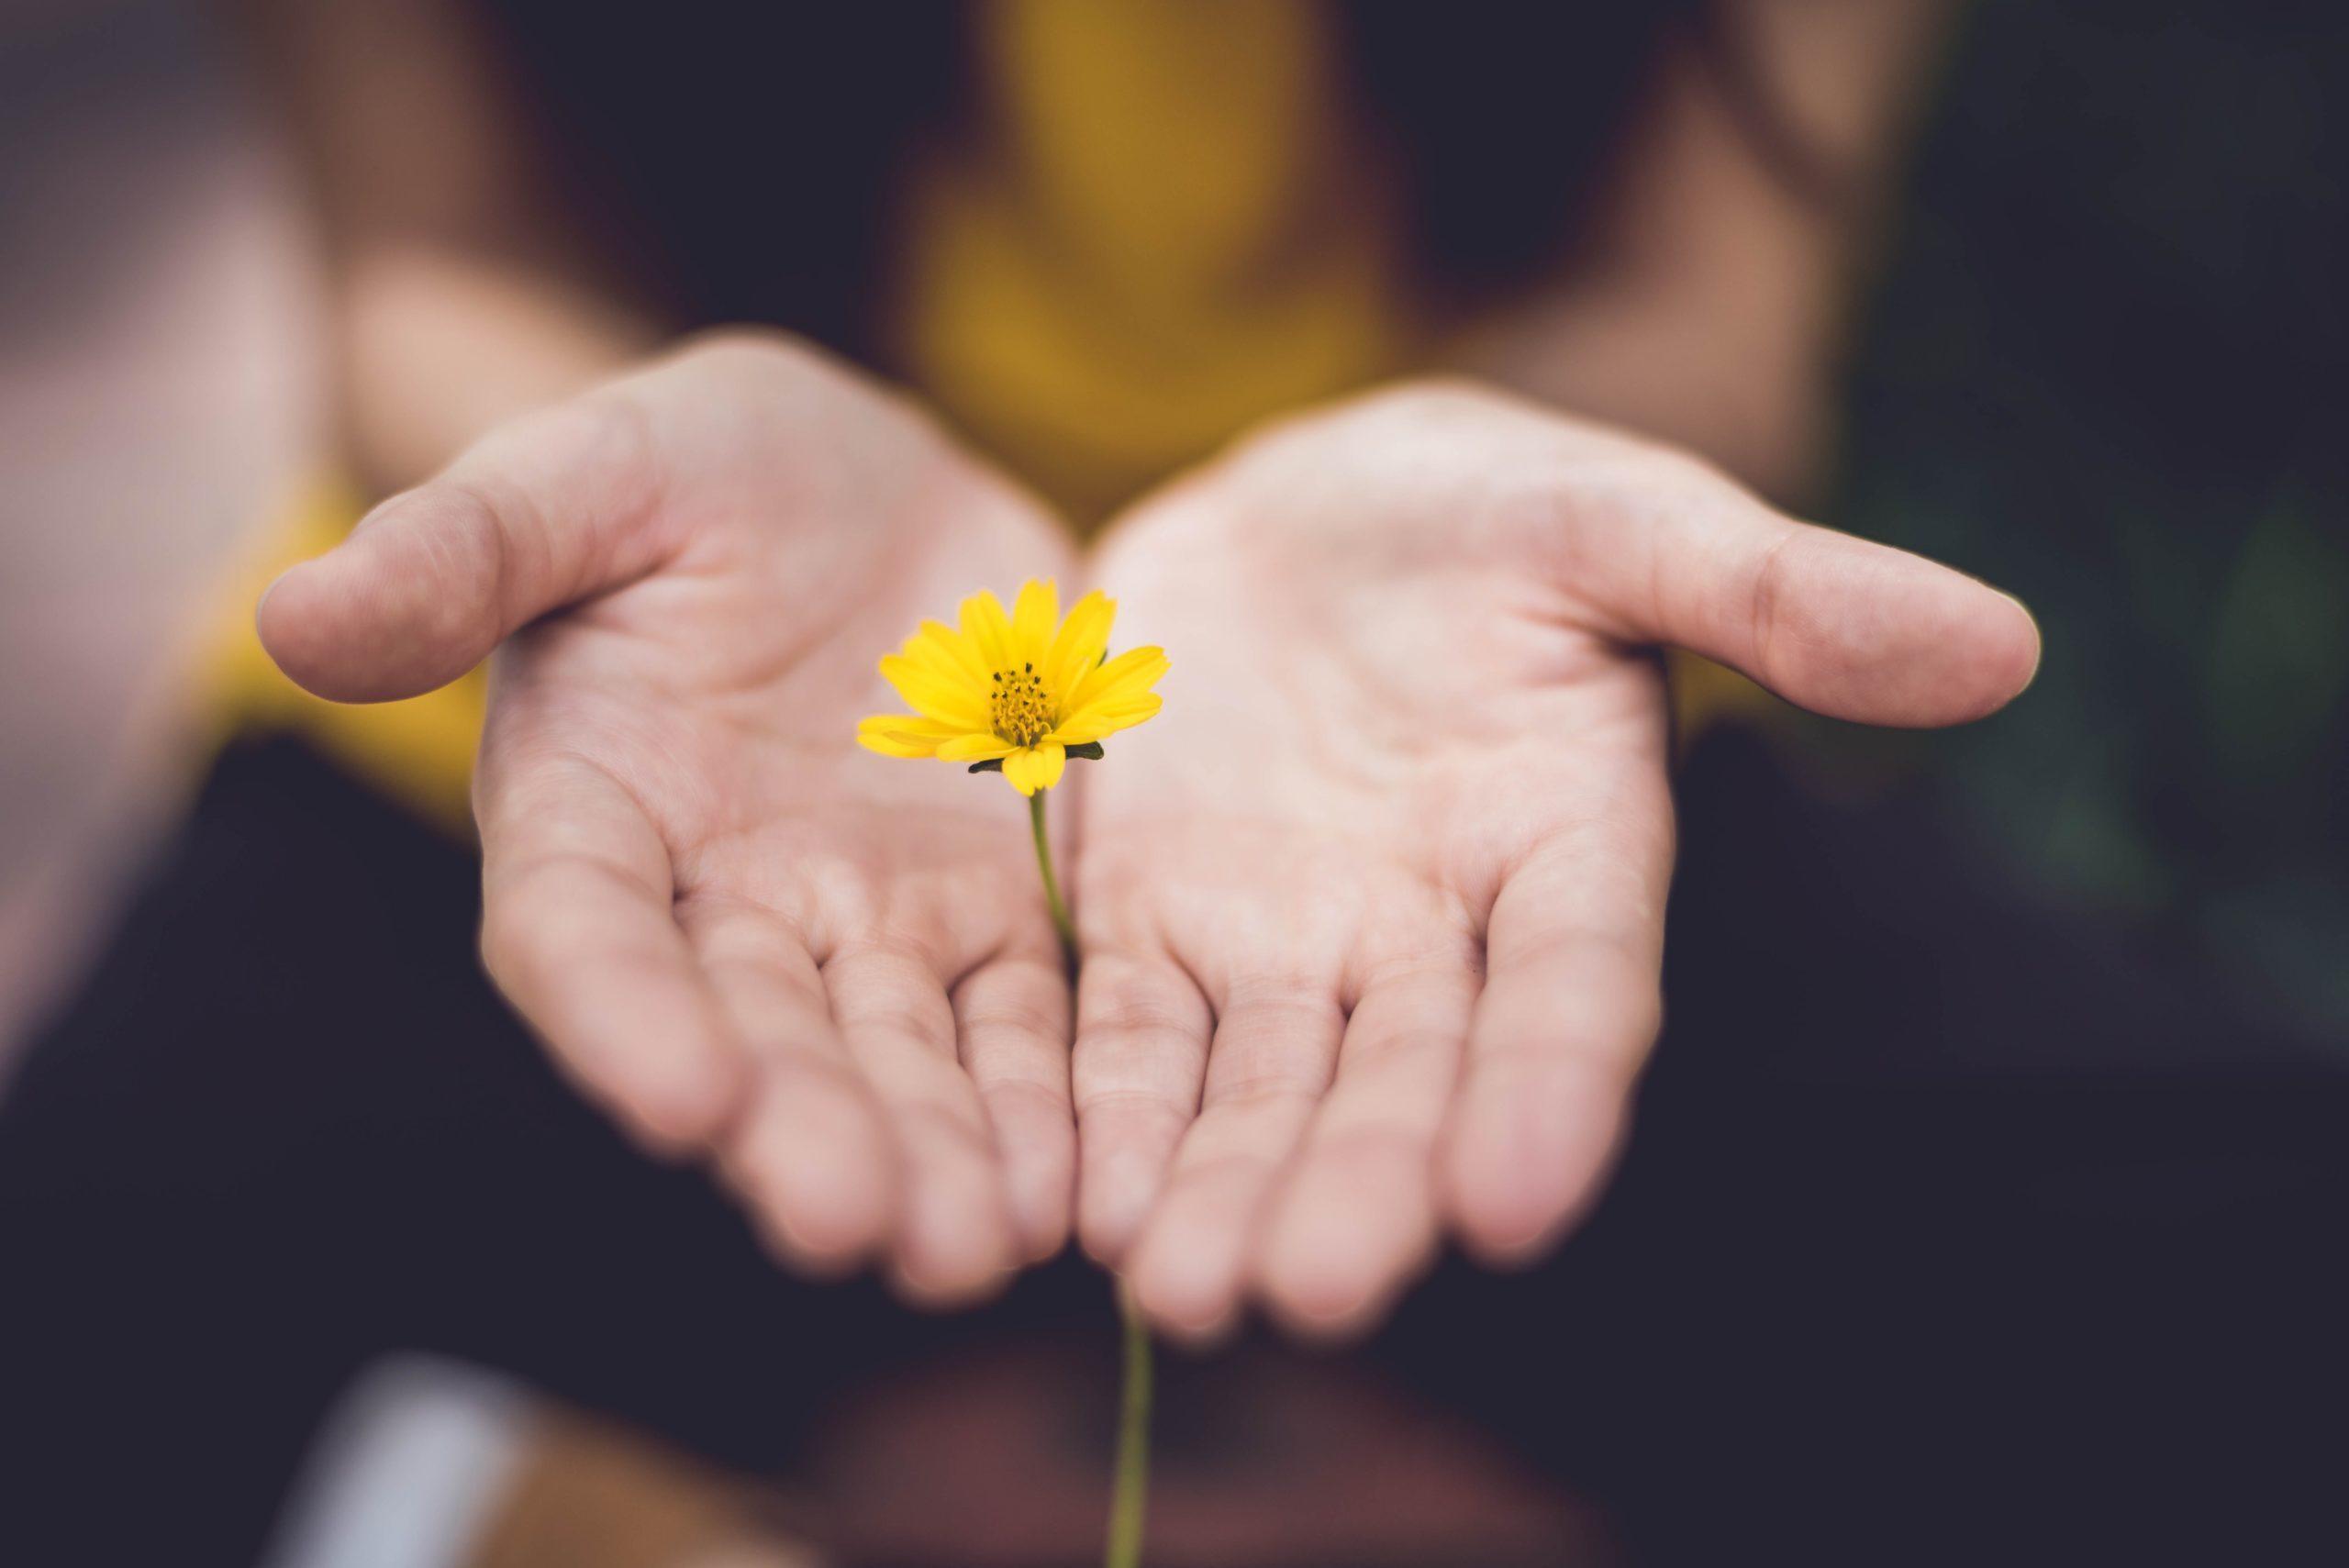 Händer som håller en blomma.